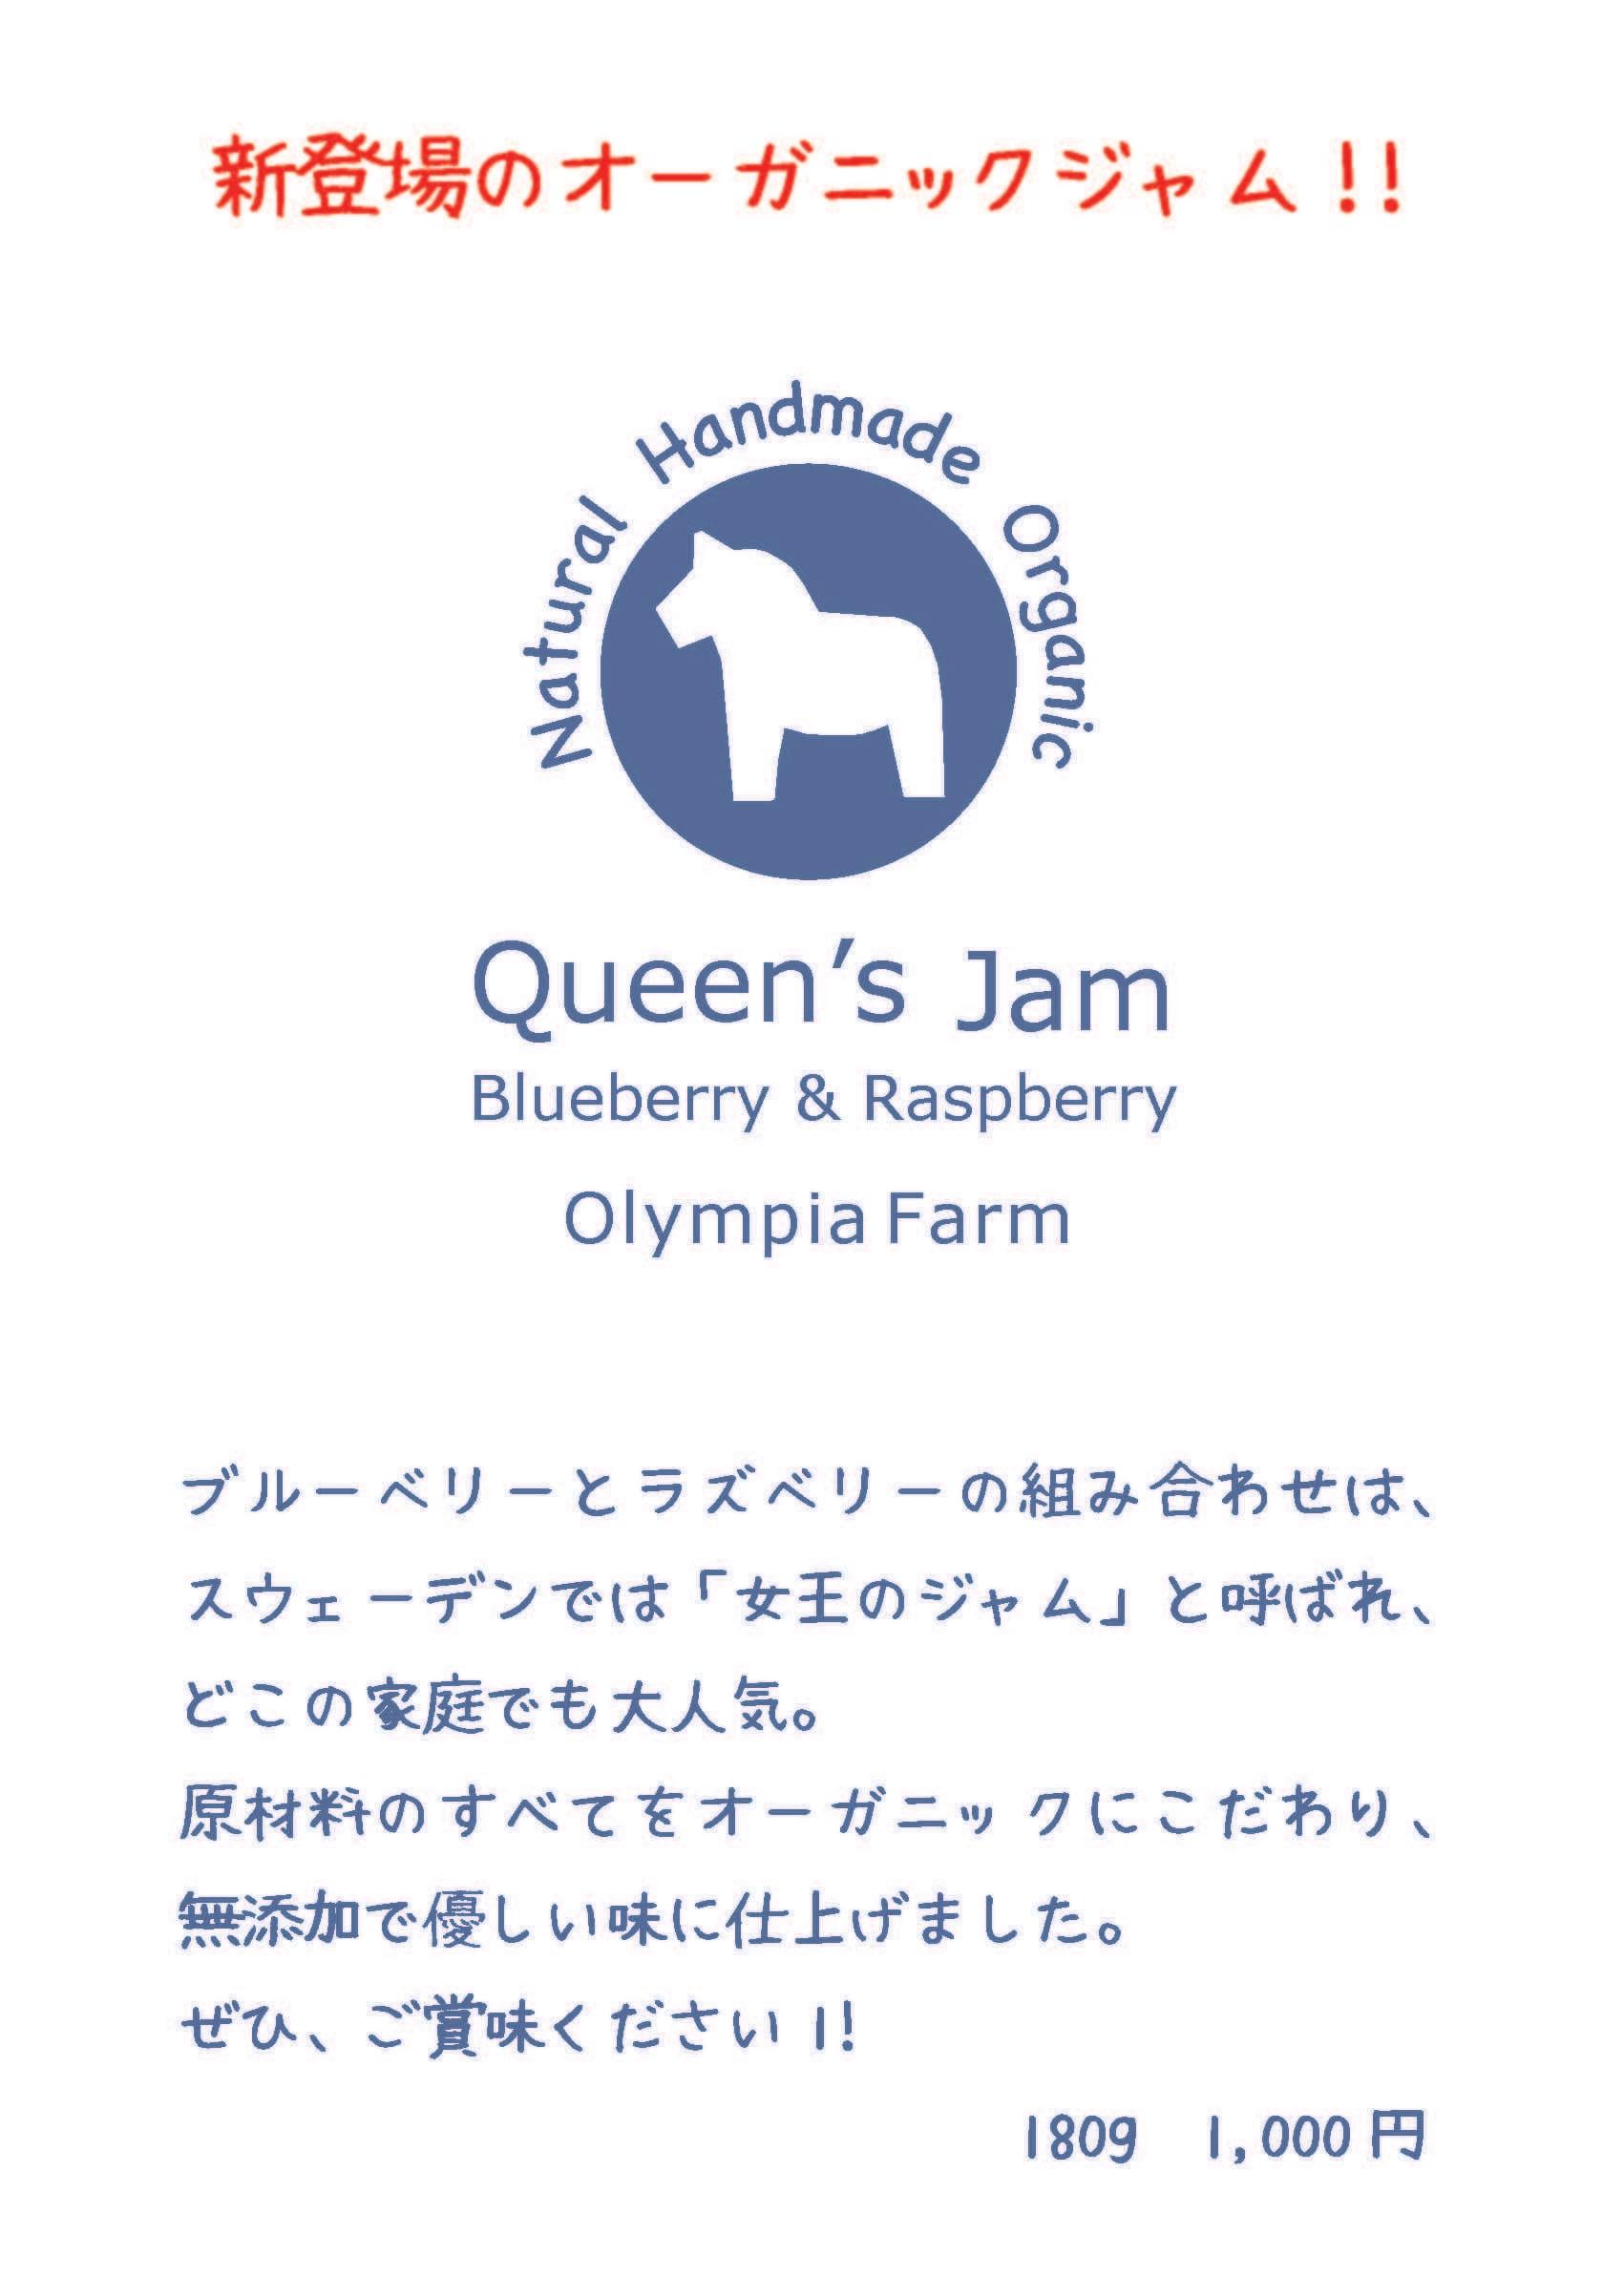 オーガニックジャム【ブルーベリー&ラズベリー】